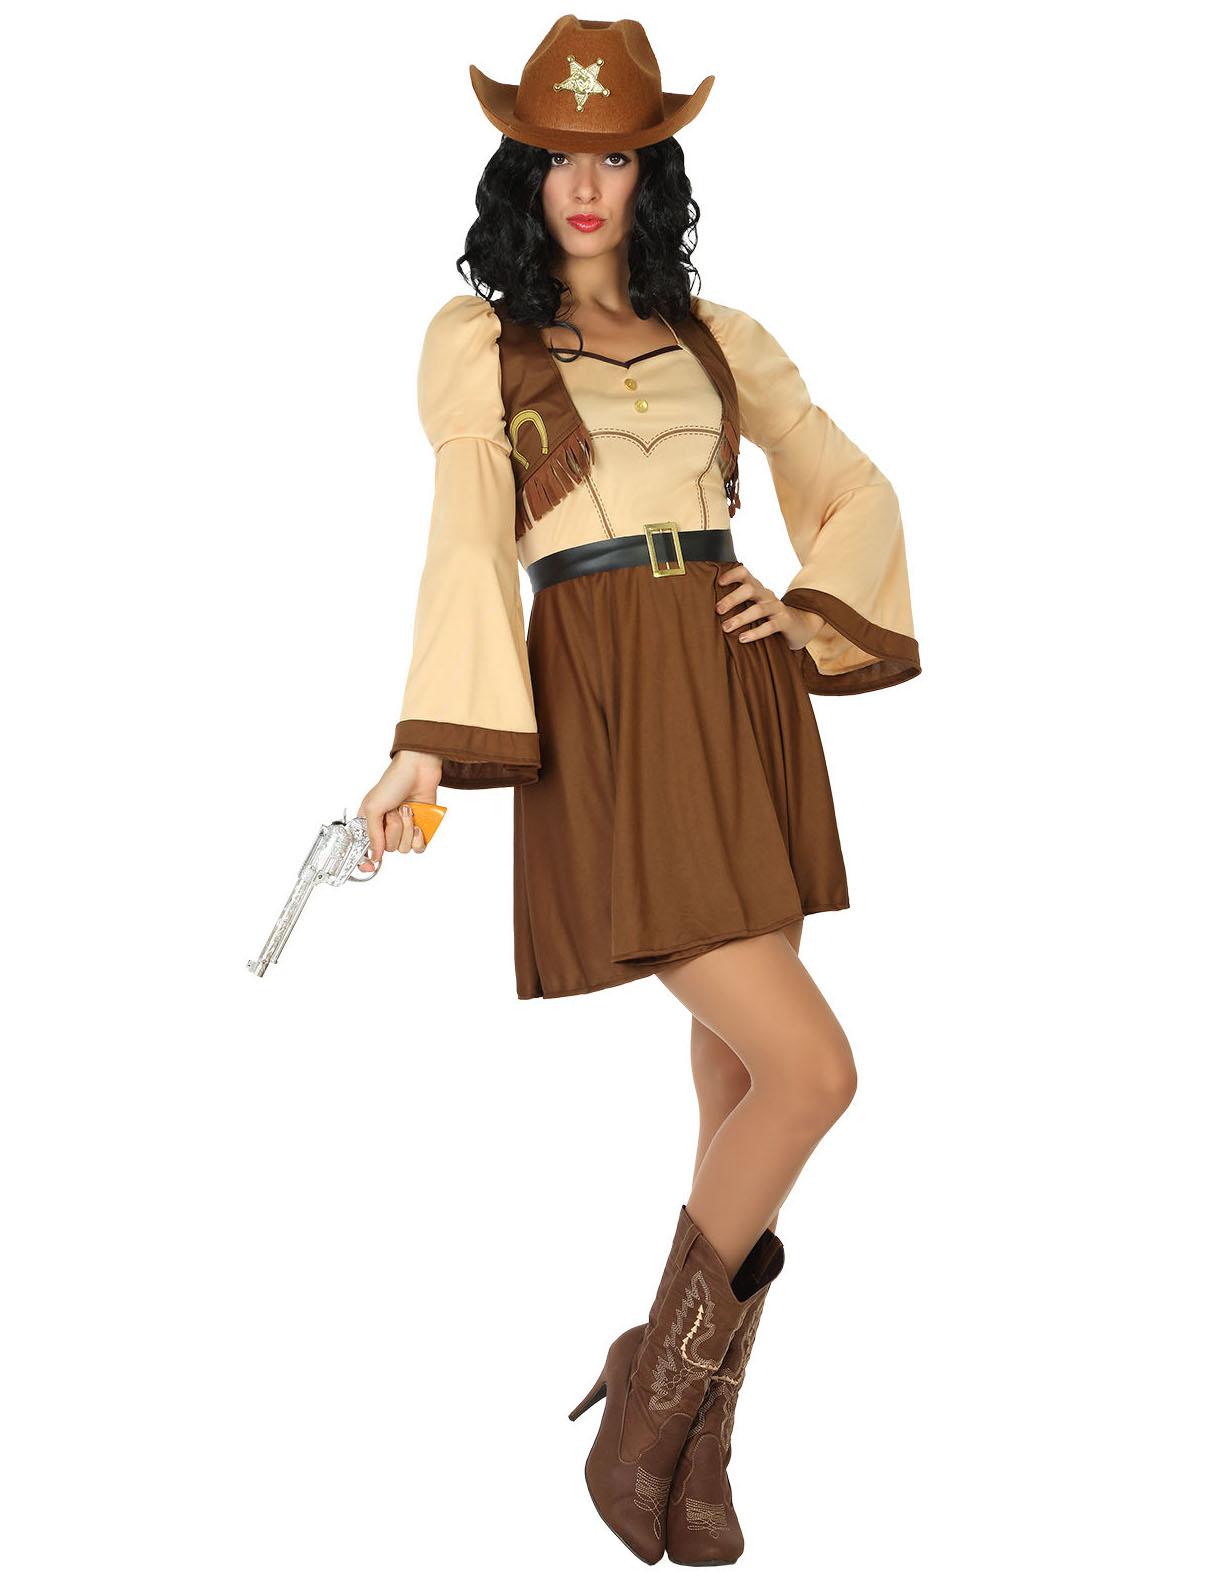 537155c5c Disfraz cowgirl del lejano Oeste mujer  Disfraces adultos